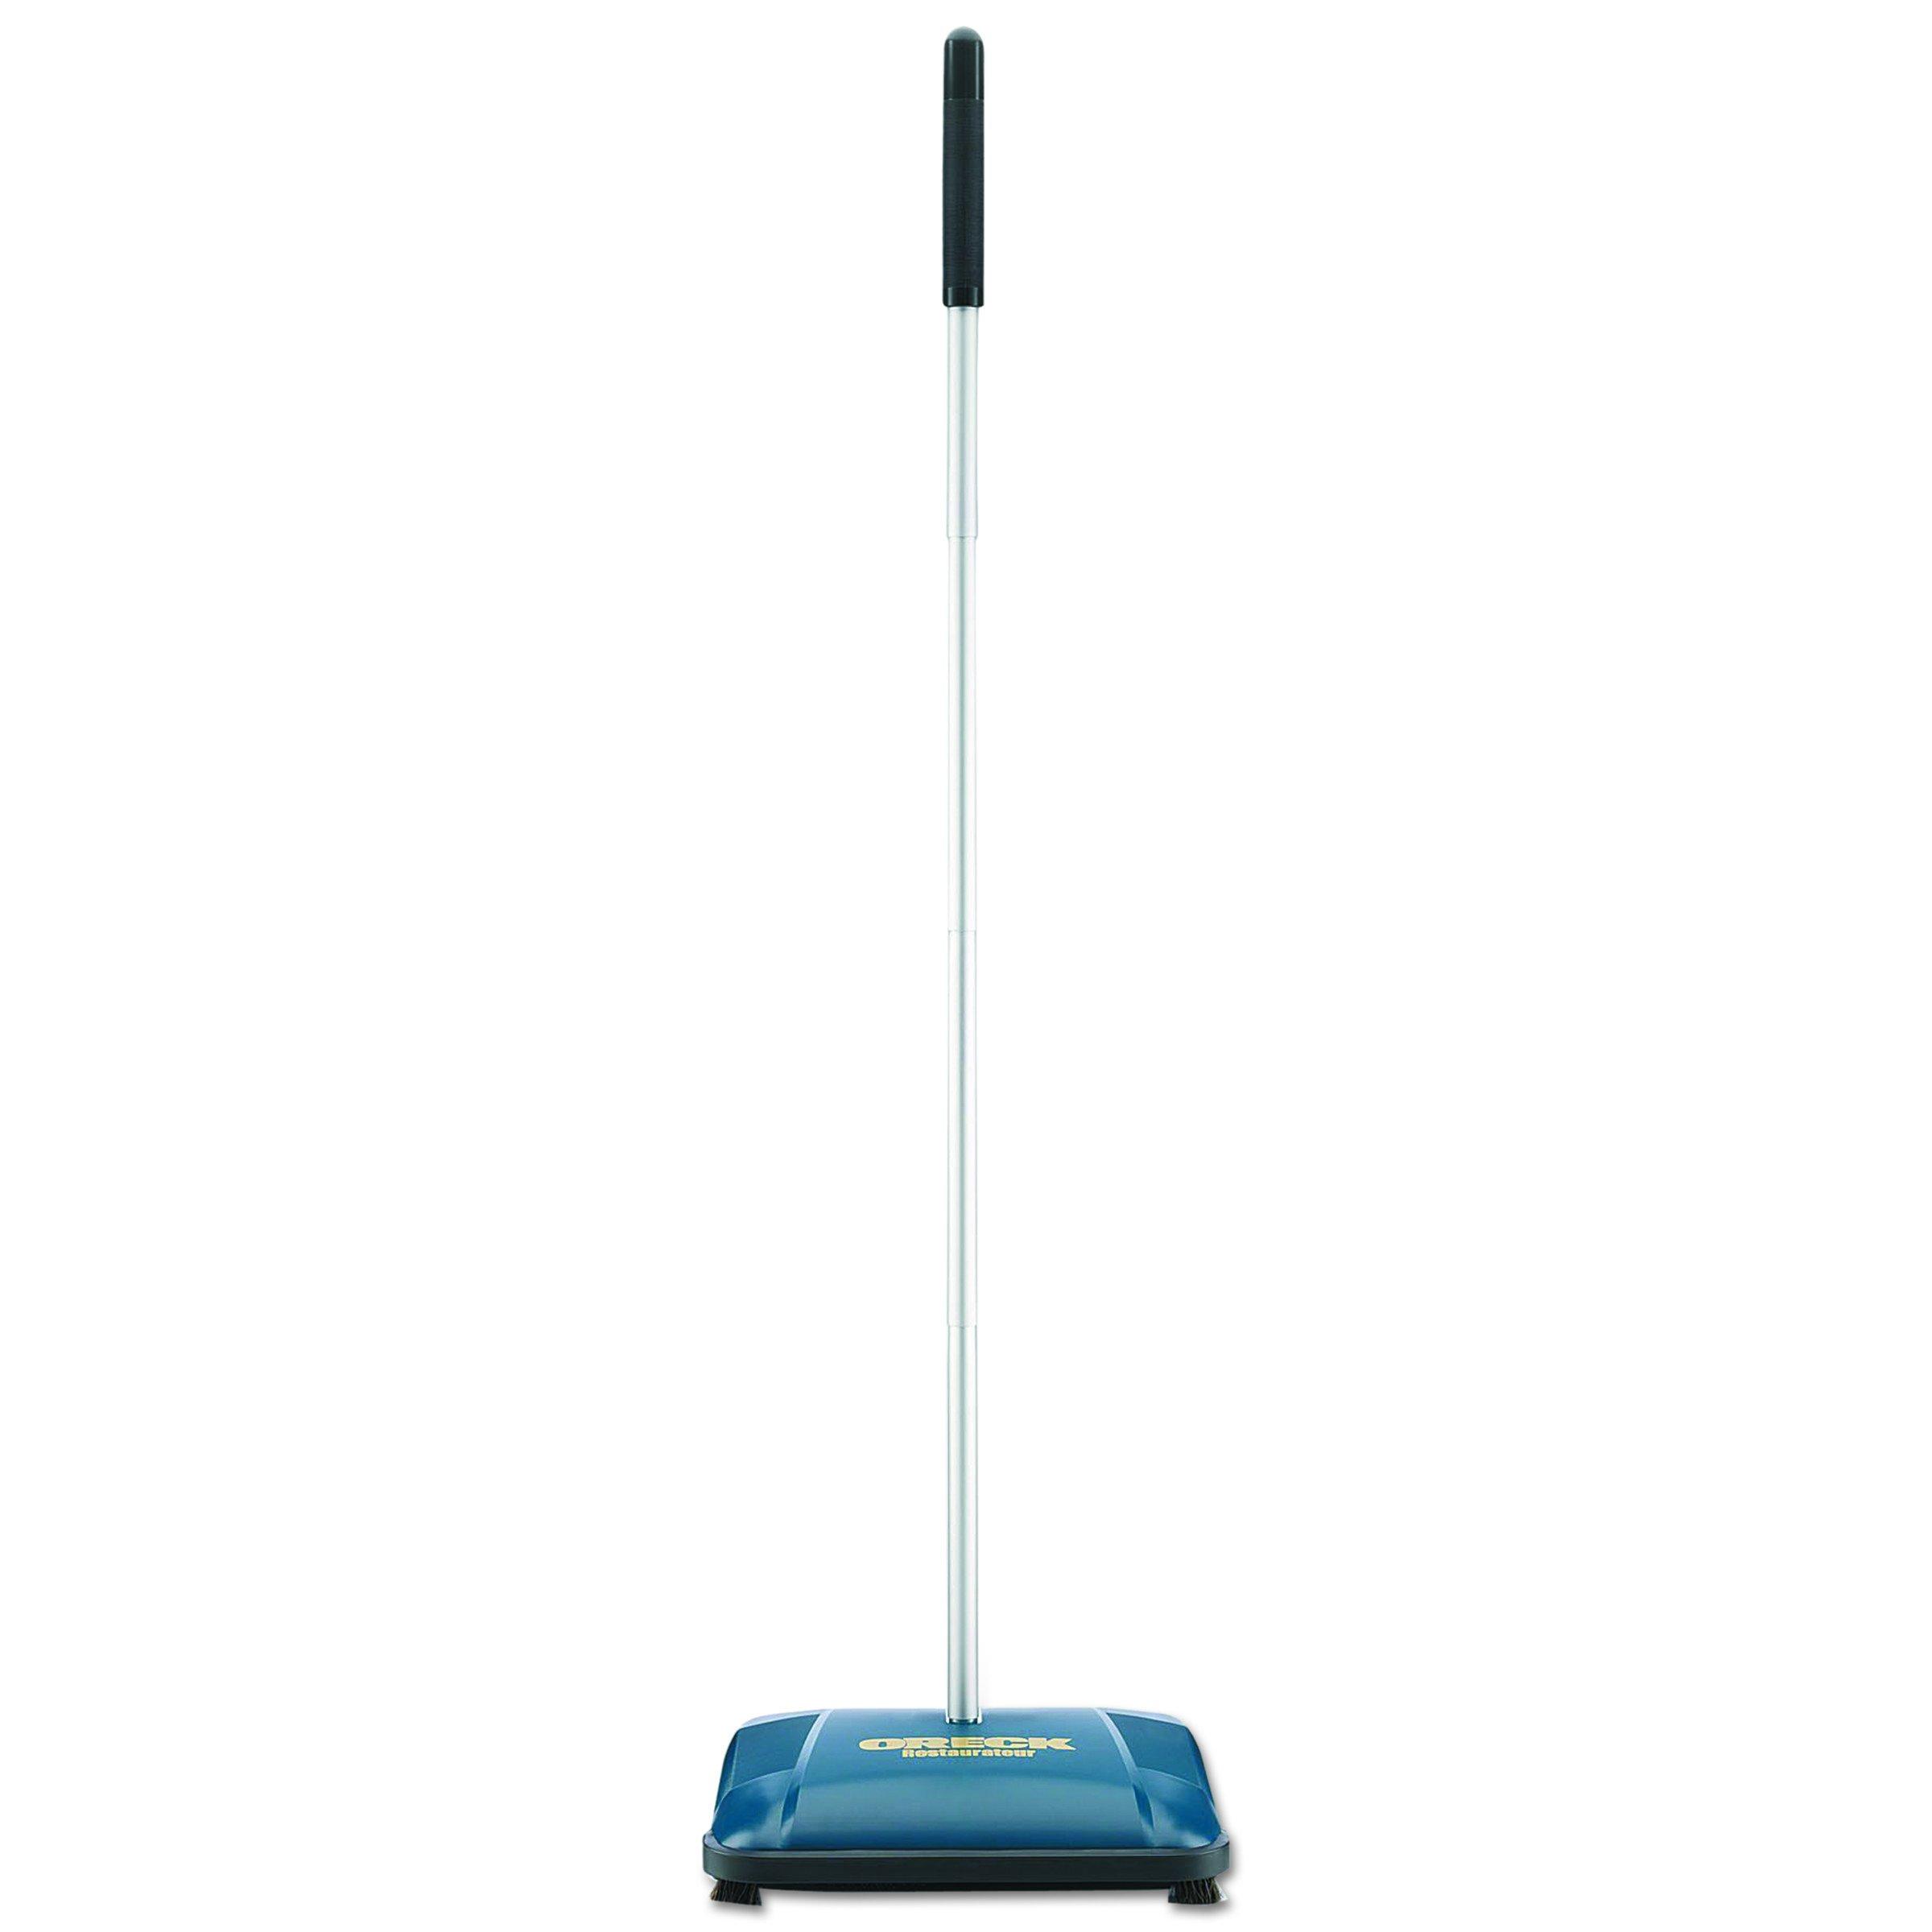 Oreck Restauranteur PR3200 Wet-Dry Floor Sweeper, 12.5